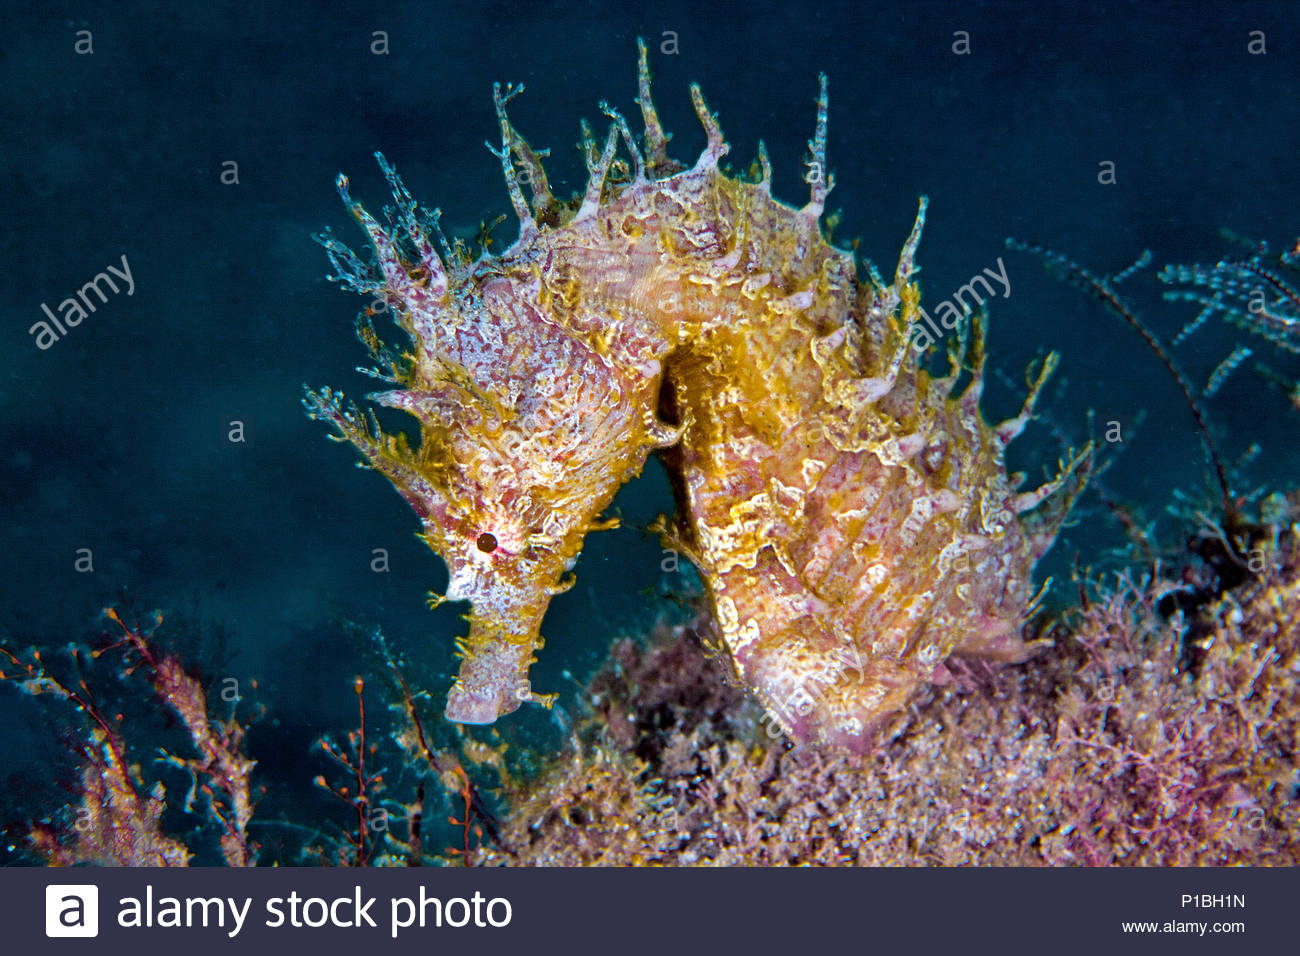 Streifen-Seepferdchen oder Linien-Seepferdchen (Hippocampus erectus), Florida, USA | Lined seahorse (Hippocampus erectus), Florida, USA - Stock Image